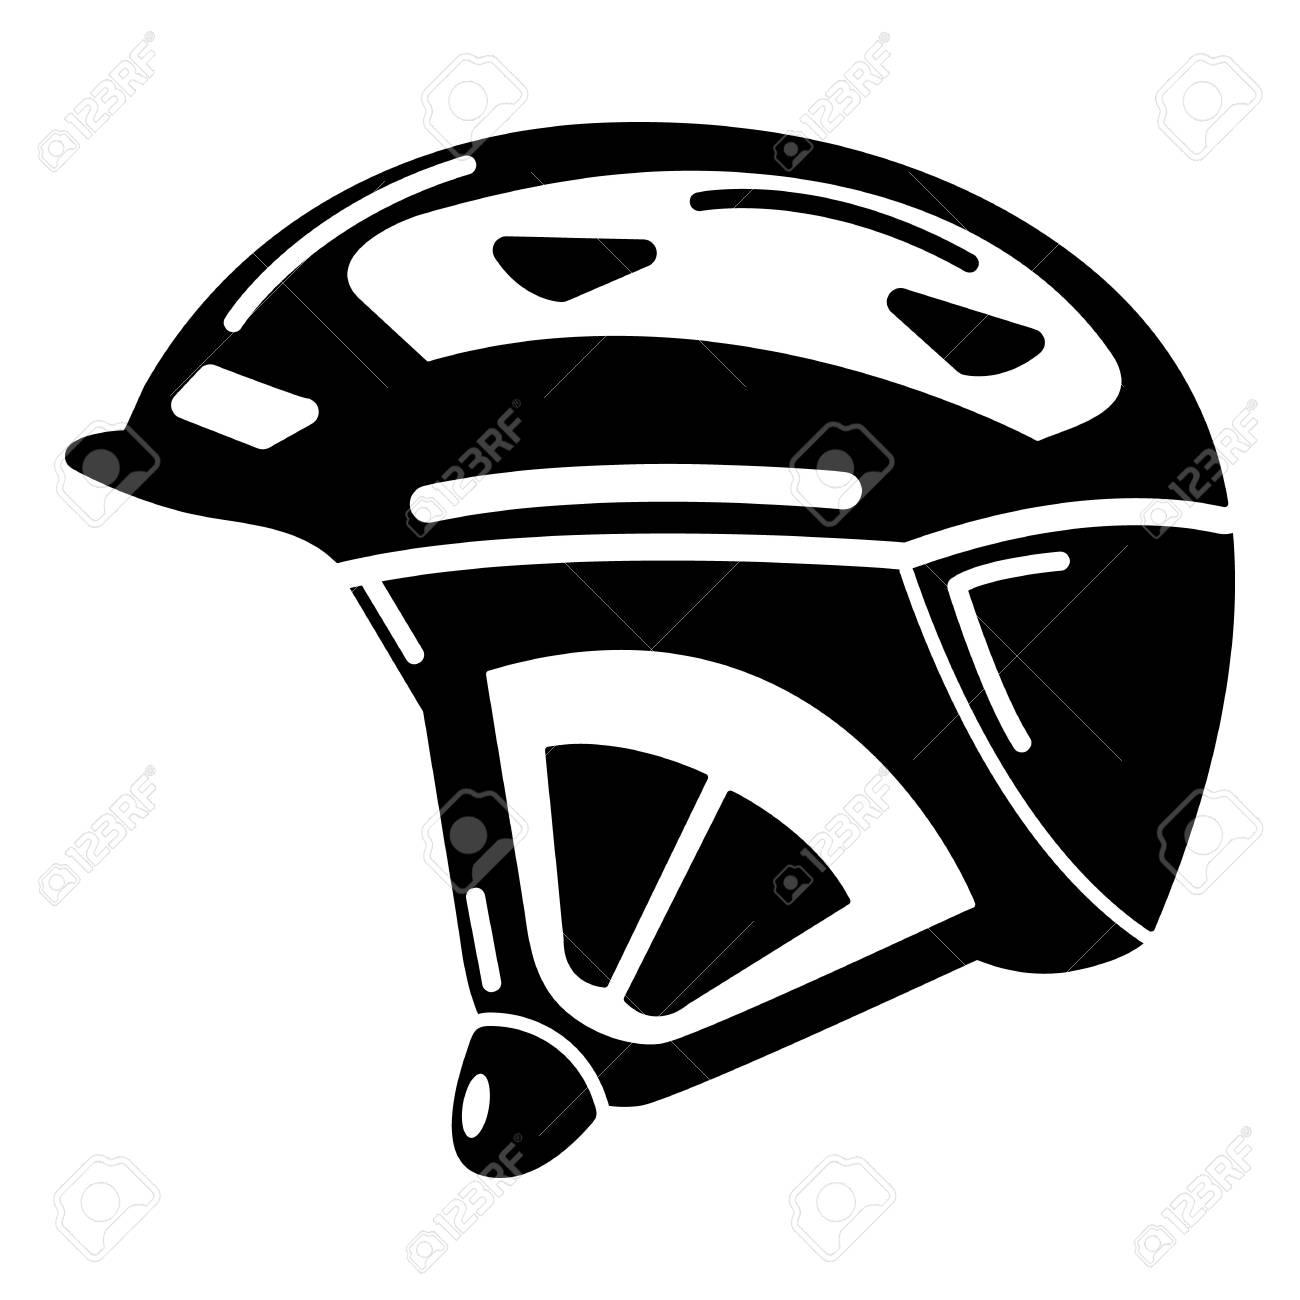 バイク ヘルメット アイコンシンプルな黒のスタイルのイラスト素材